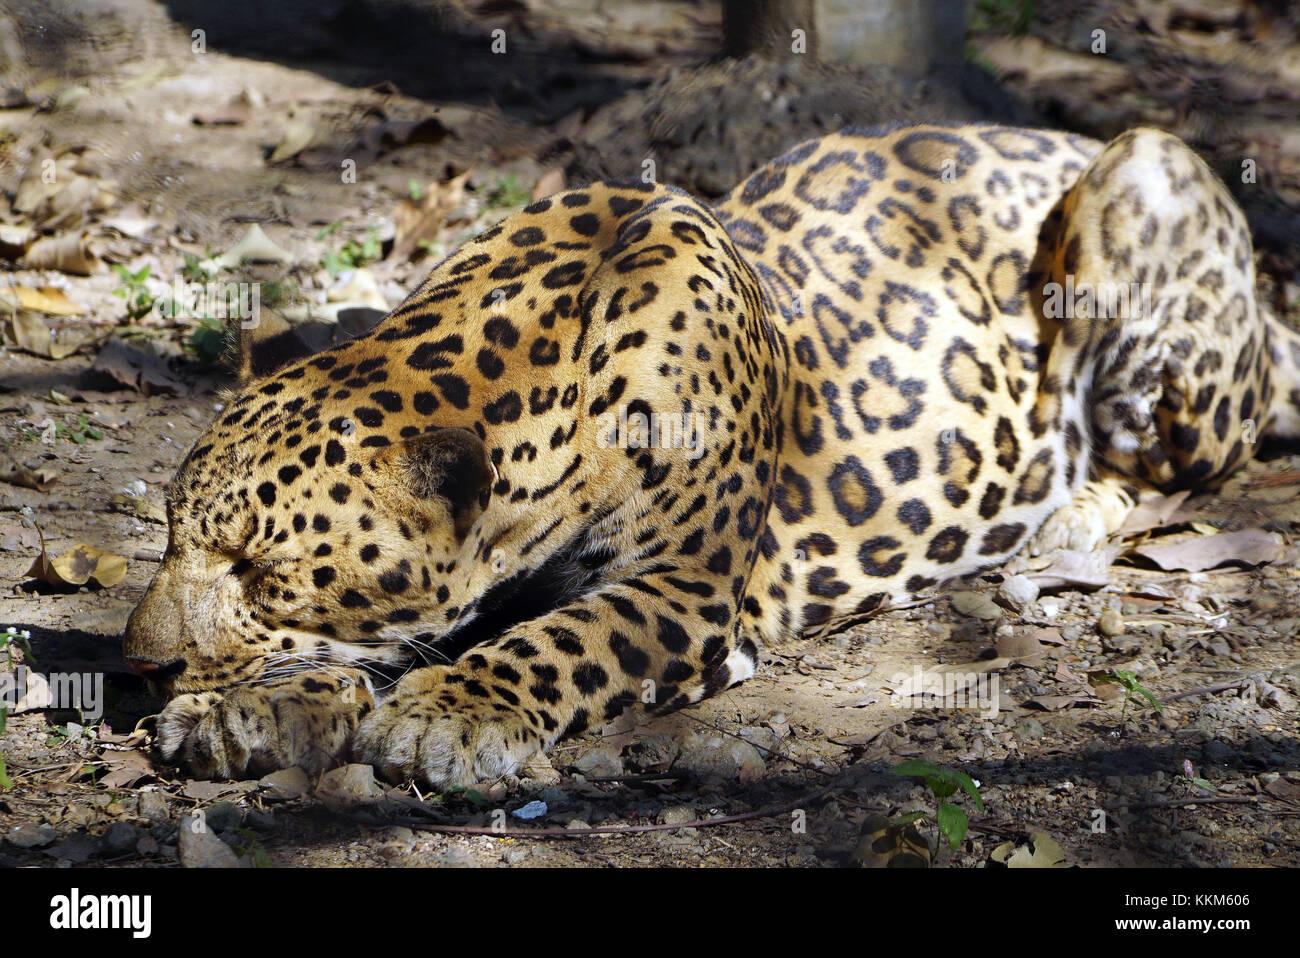 La Jaguar (Panthera onca) in posa di appoggio. Immagini Stock